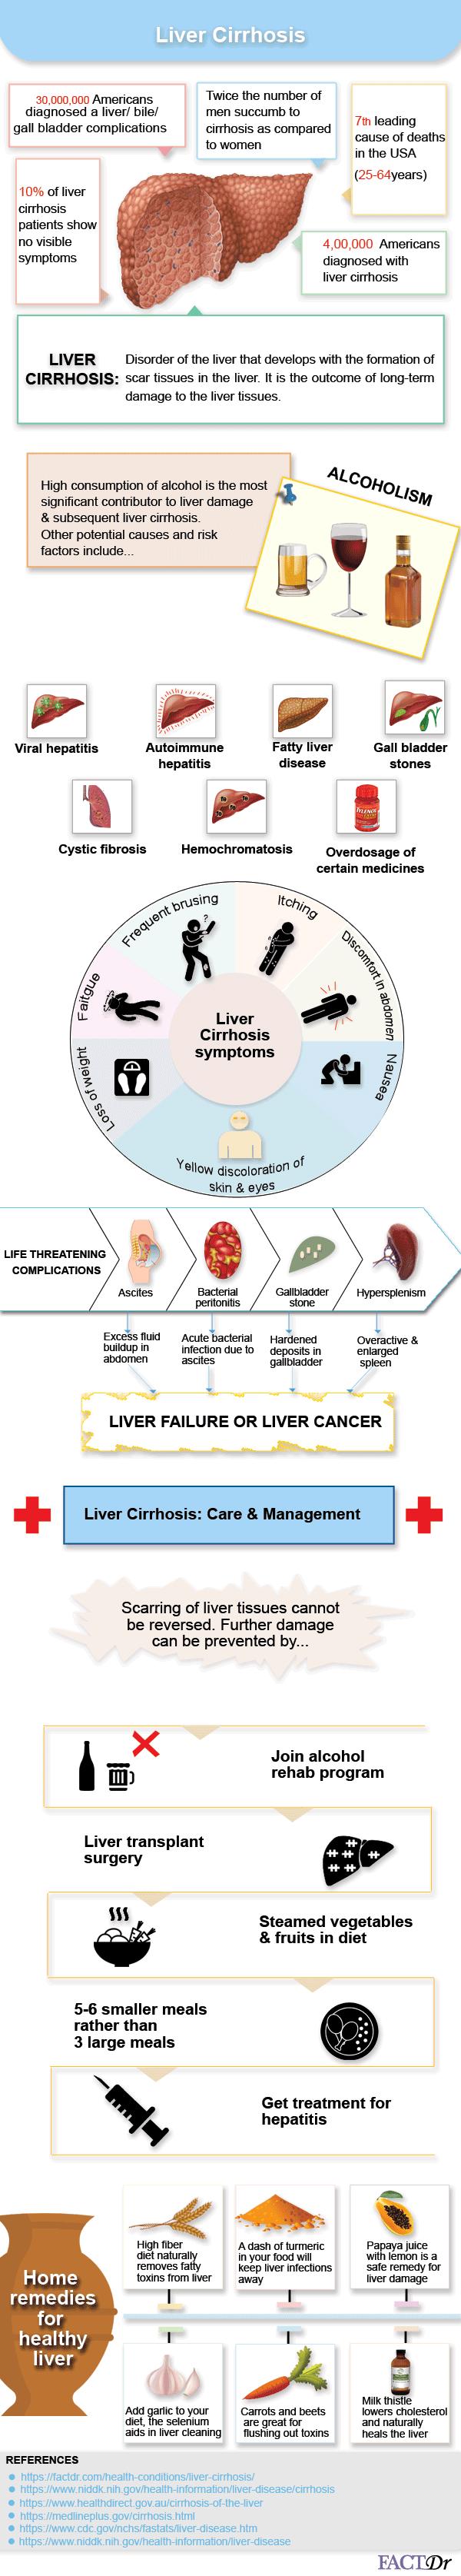 liver cirrhosis infographic